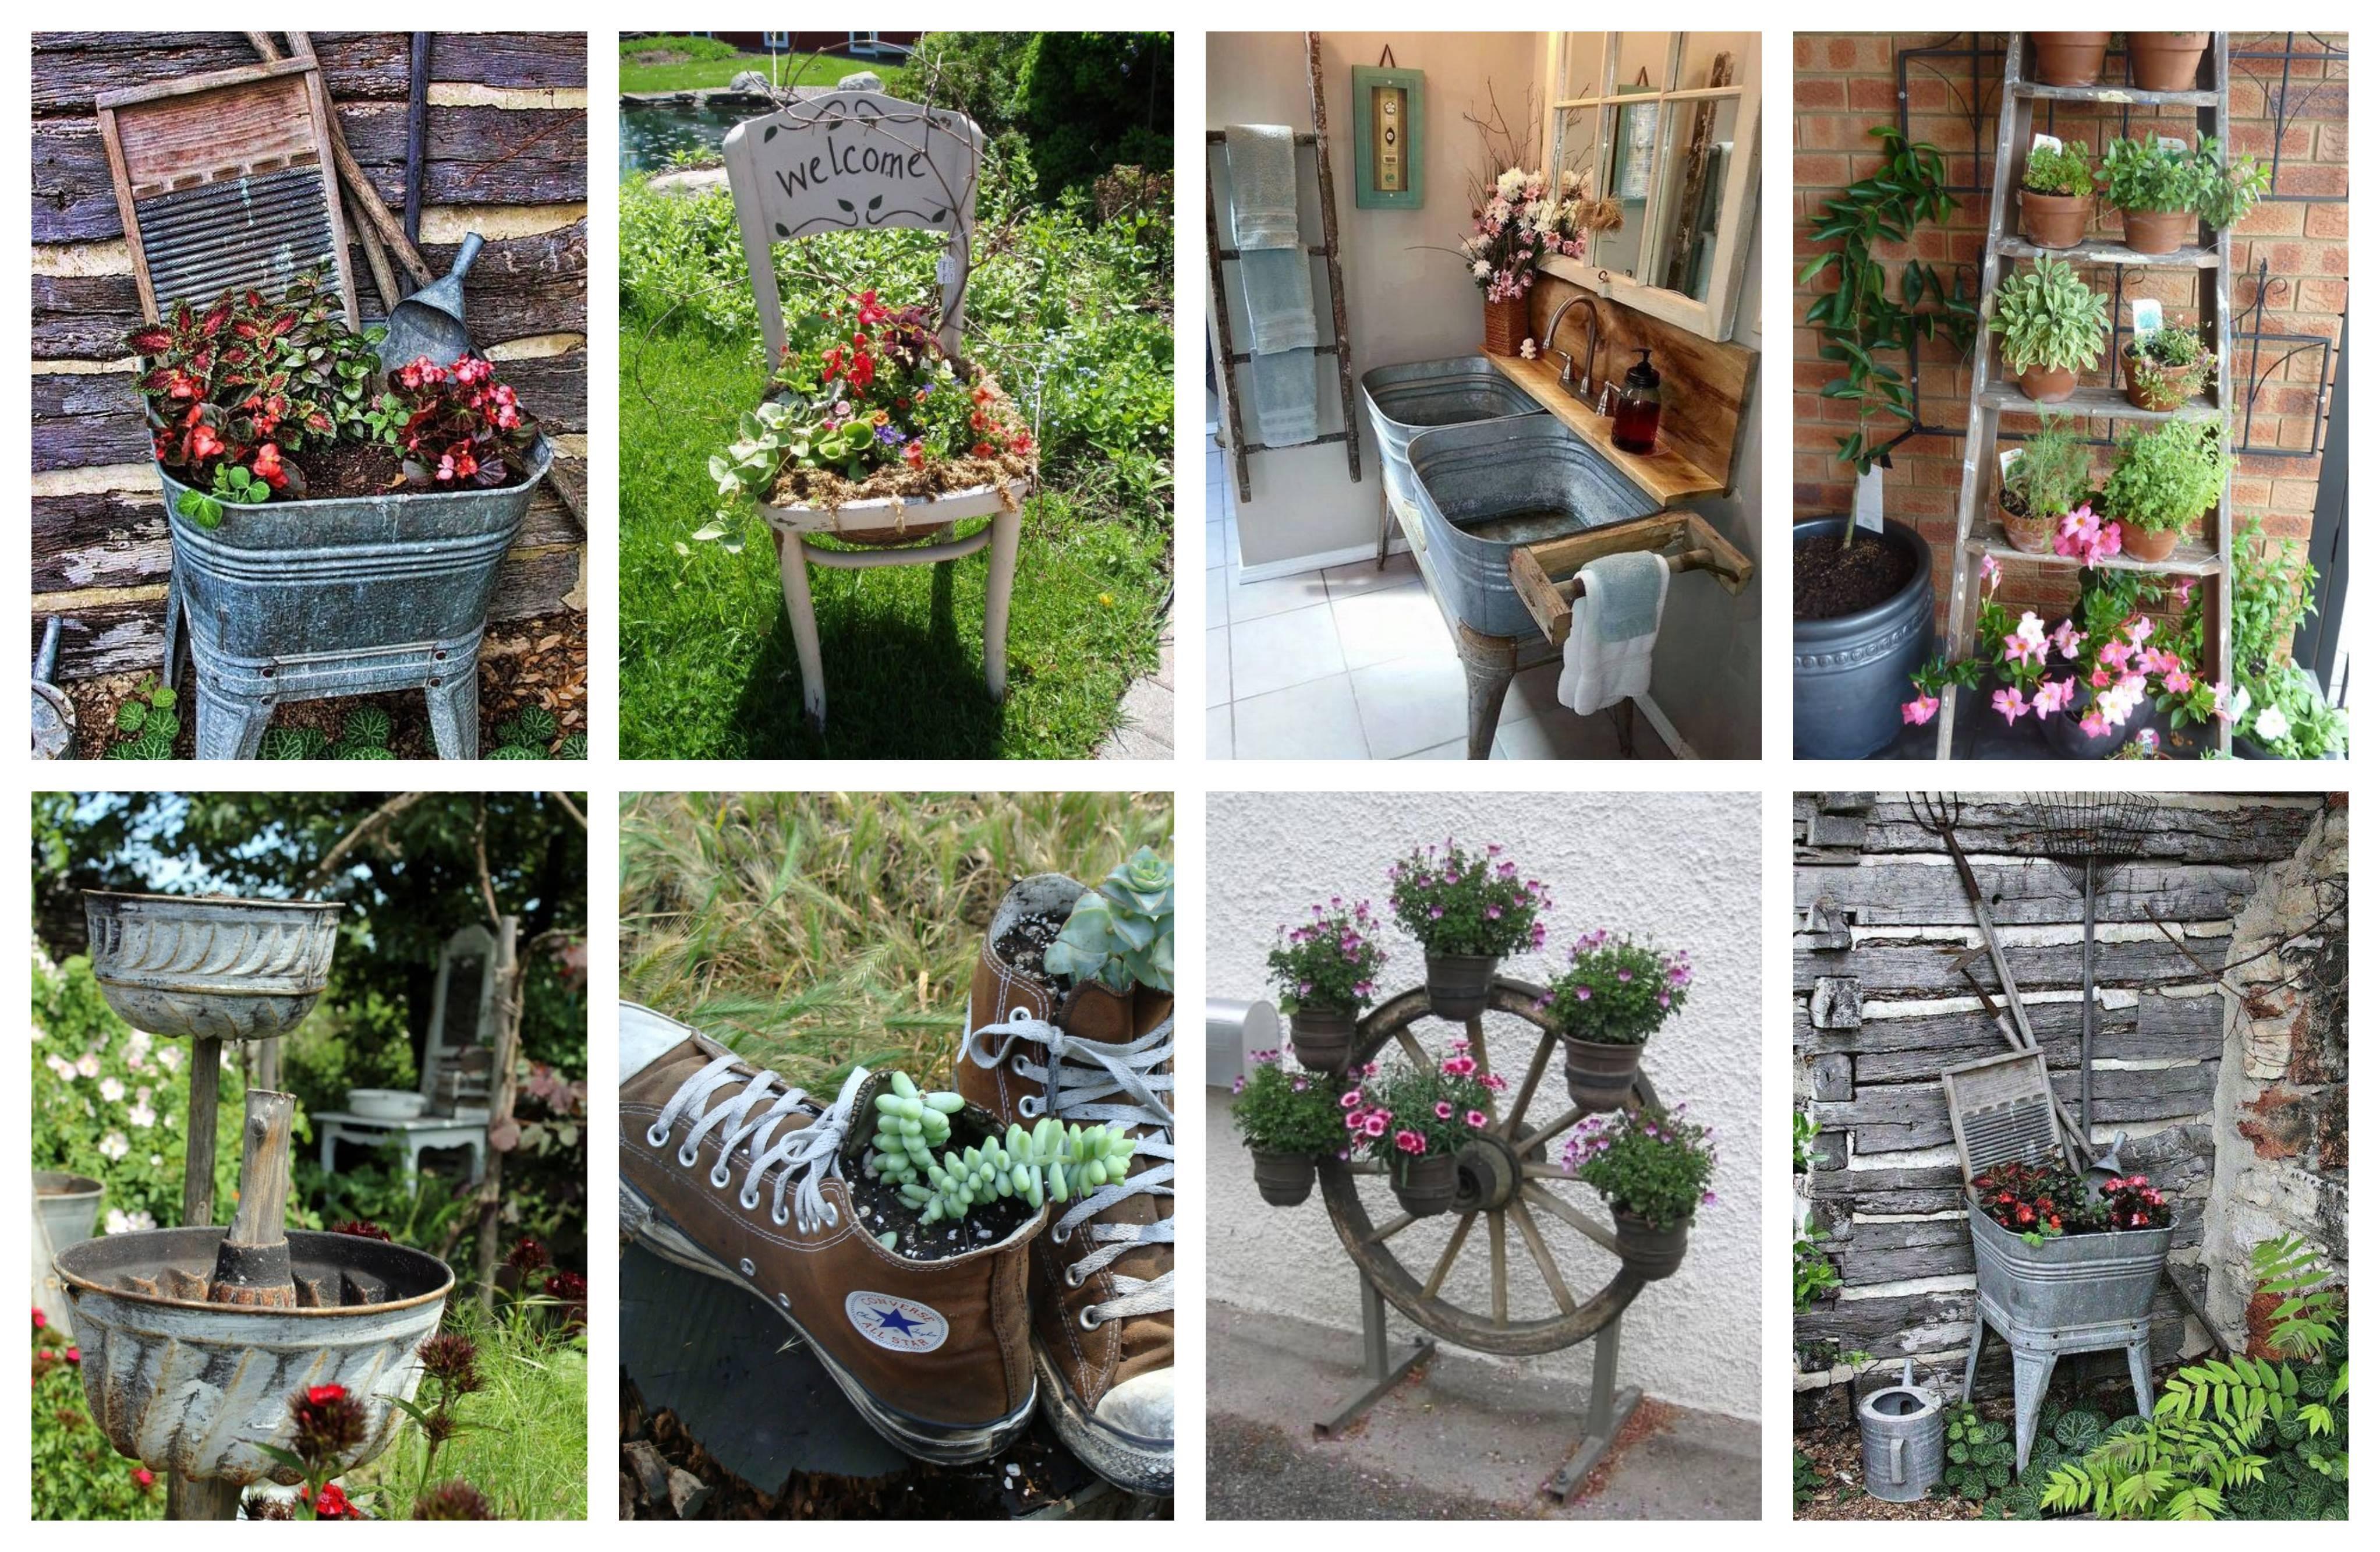 Traumhafte vintage gartendeko billig und stilvoll - Gartendeko vintage ...